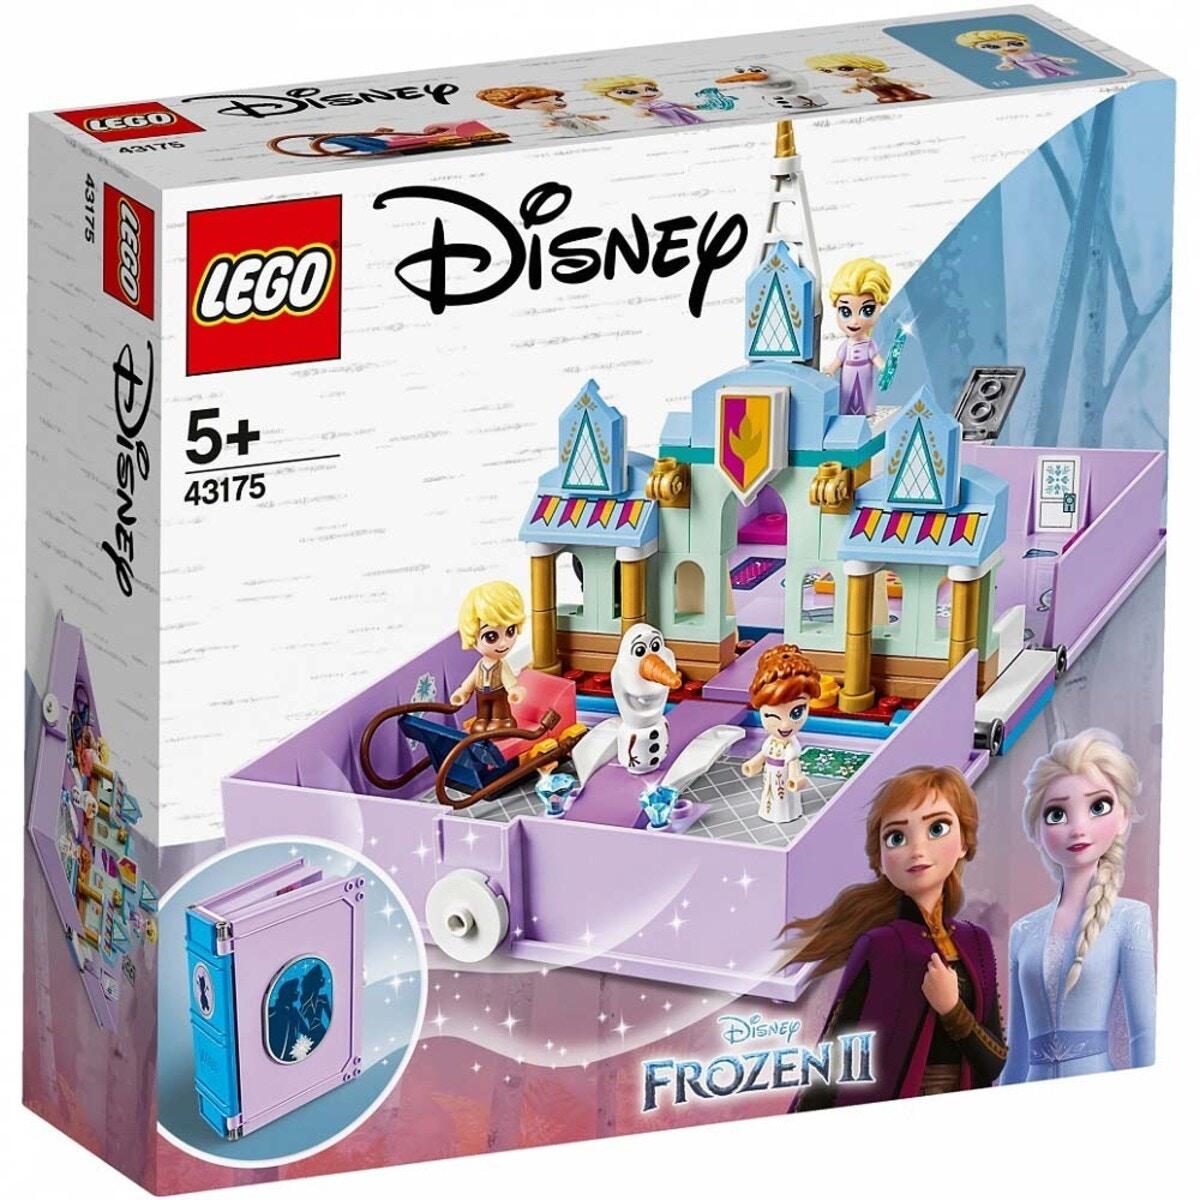 レゴ ディズニープリンセス 43175 アナと雪の女王2 アナとエルサのプリンセスブック